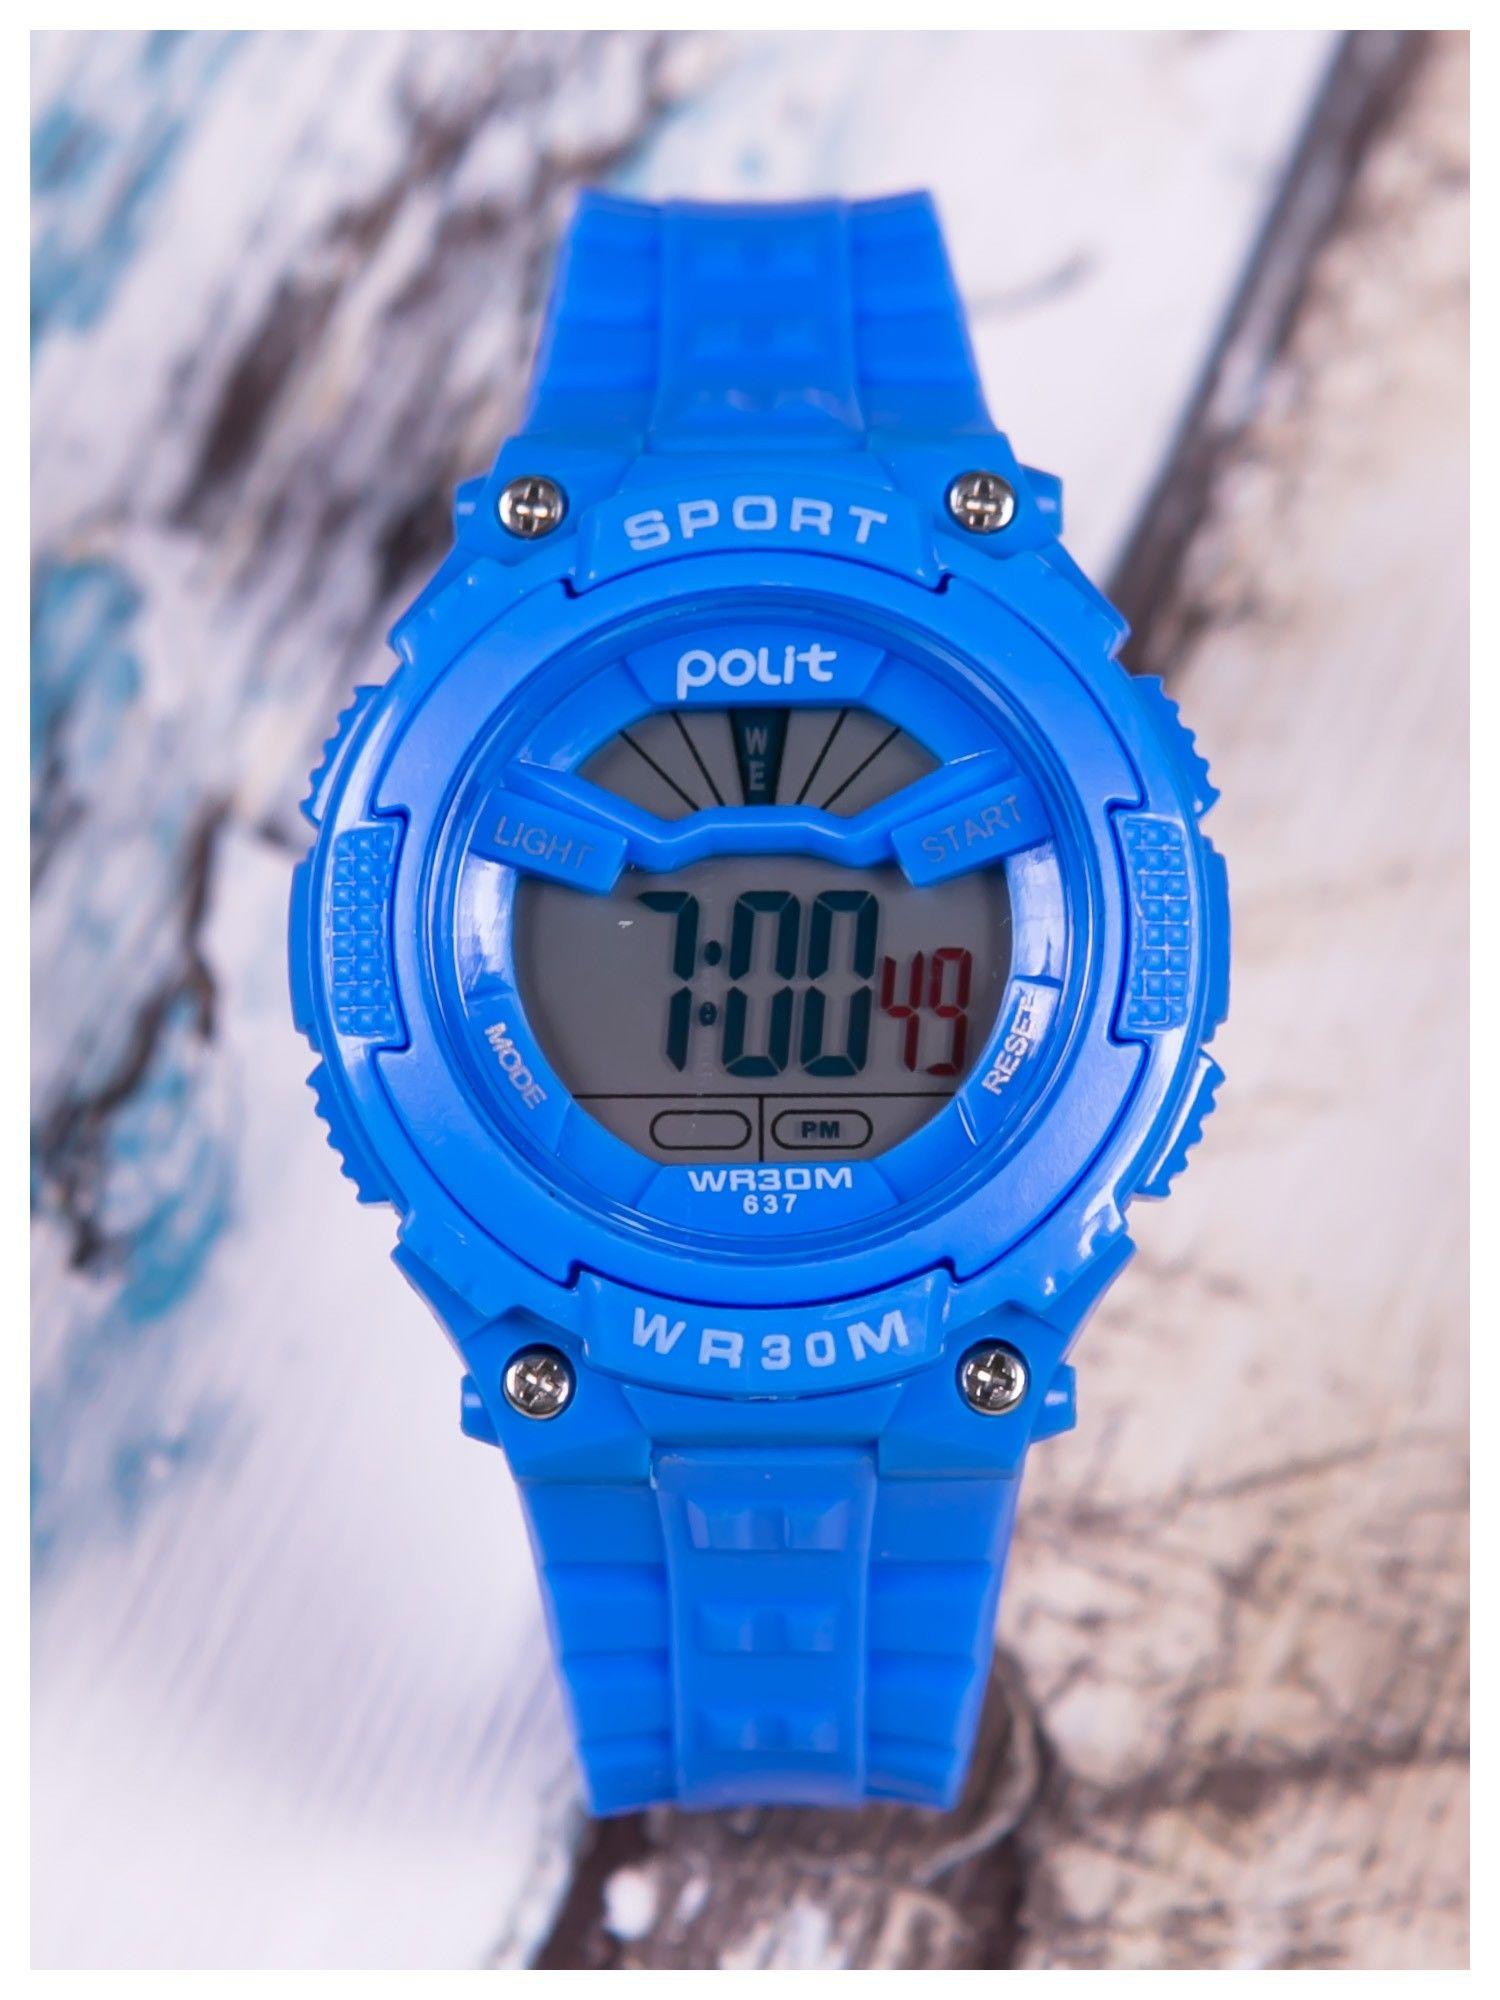 7d3aa30c59049f sportowy niebieski zegarek z tarczą poświetlaną na 2 kolory,WR30,alarm.  Wygodny silikonowy pasek. - Mężczyźni zegarek męski - sklep eButik.pl